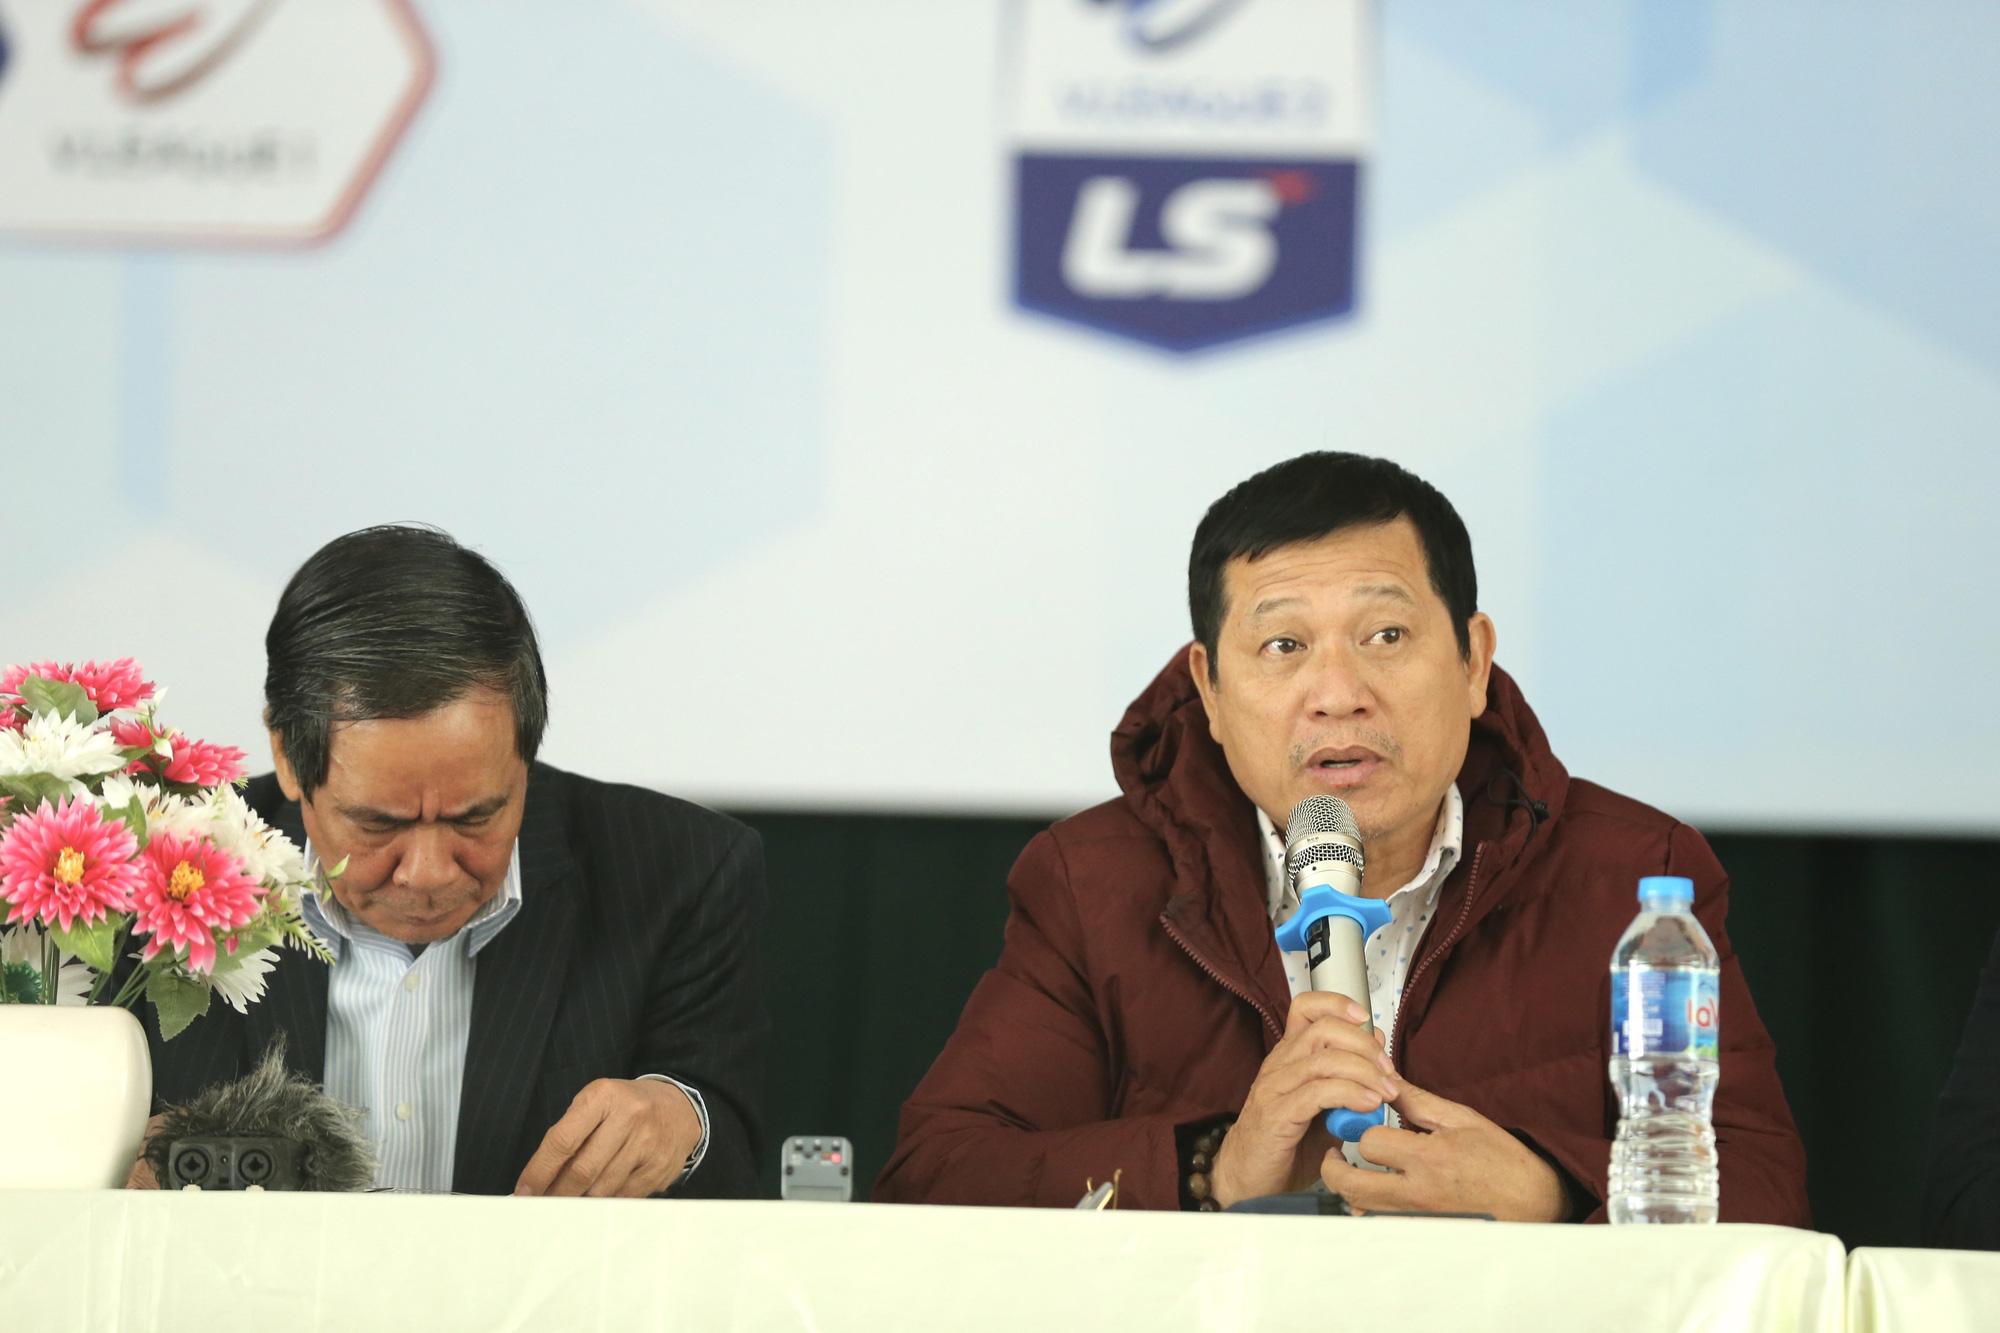 Trưởng ban trọng tài Dương Văn Hiền: 'Sai sót là không tránh khỏi' - Ảnh 3.